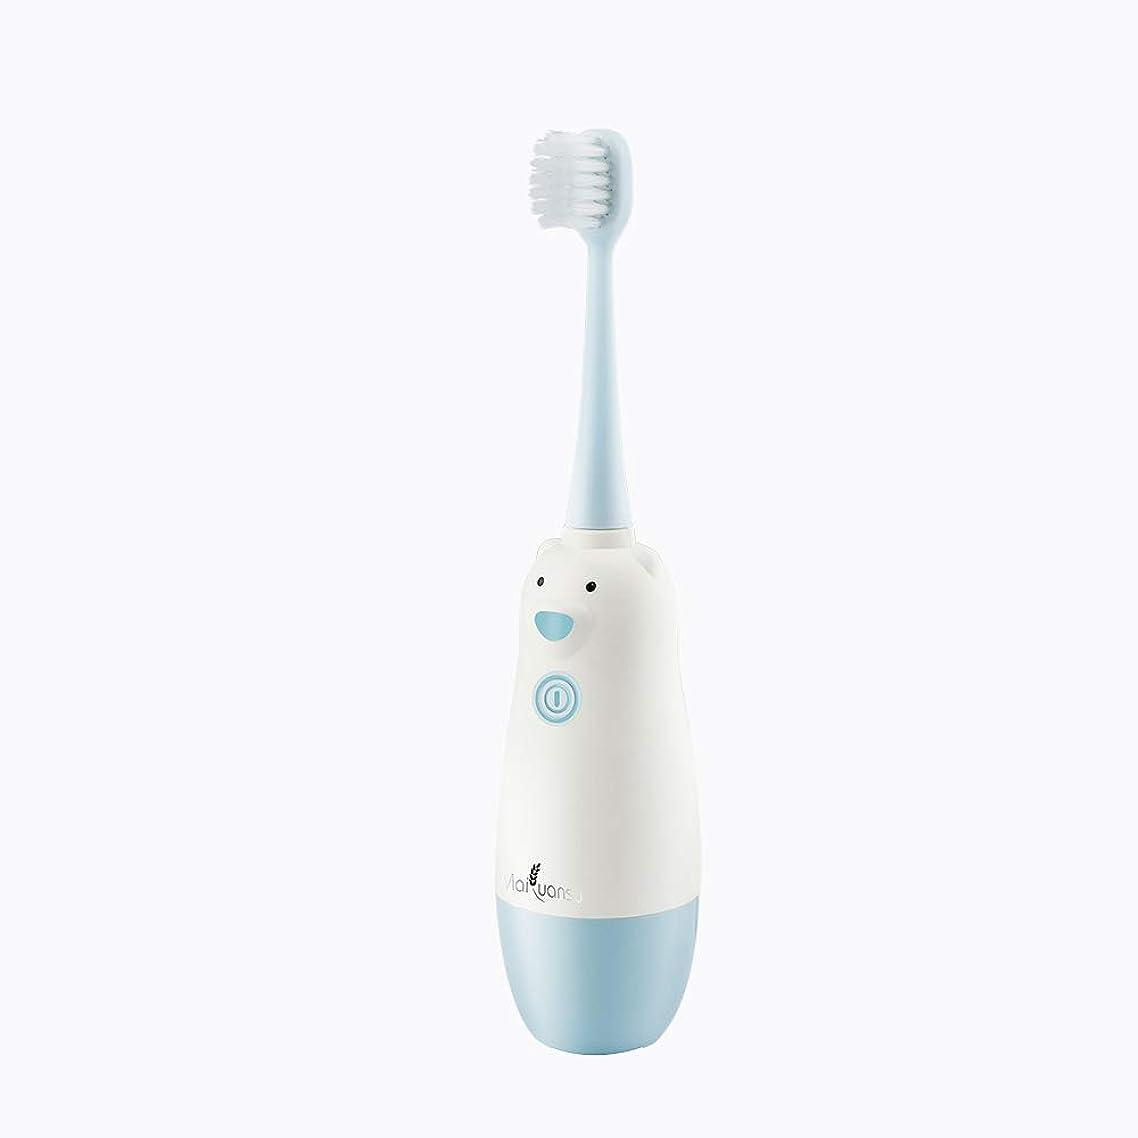 きしむ地中海出撃者子供の電動歯ブラシ、防水赤ちゃん子供赤ちゃん幼児柔らかい髪自動歯ブラシ歯科ギフト,Blue